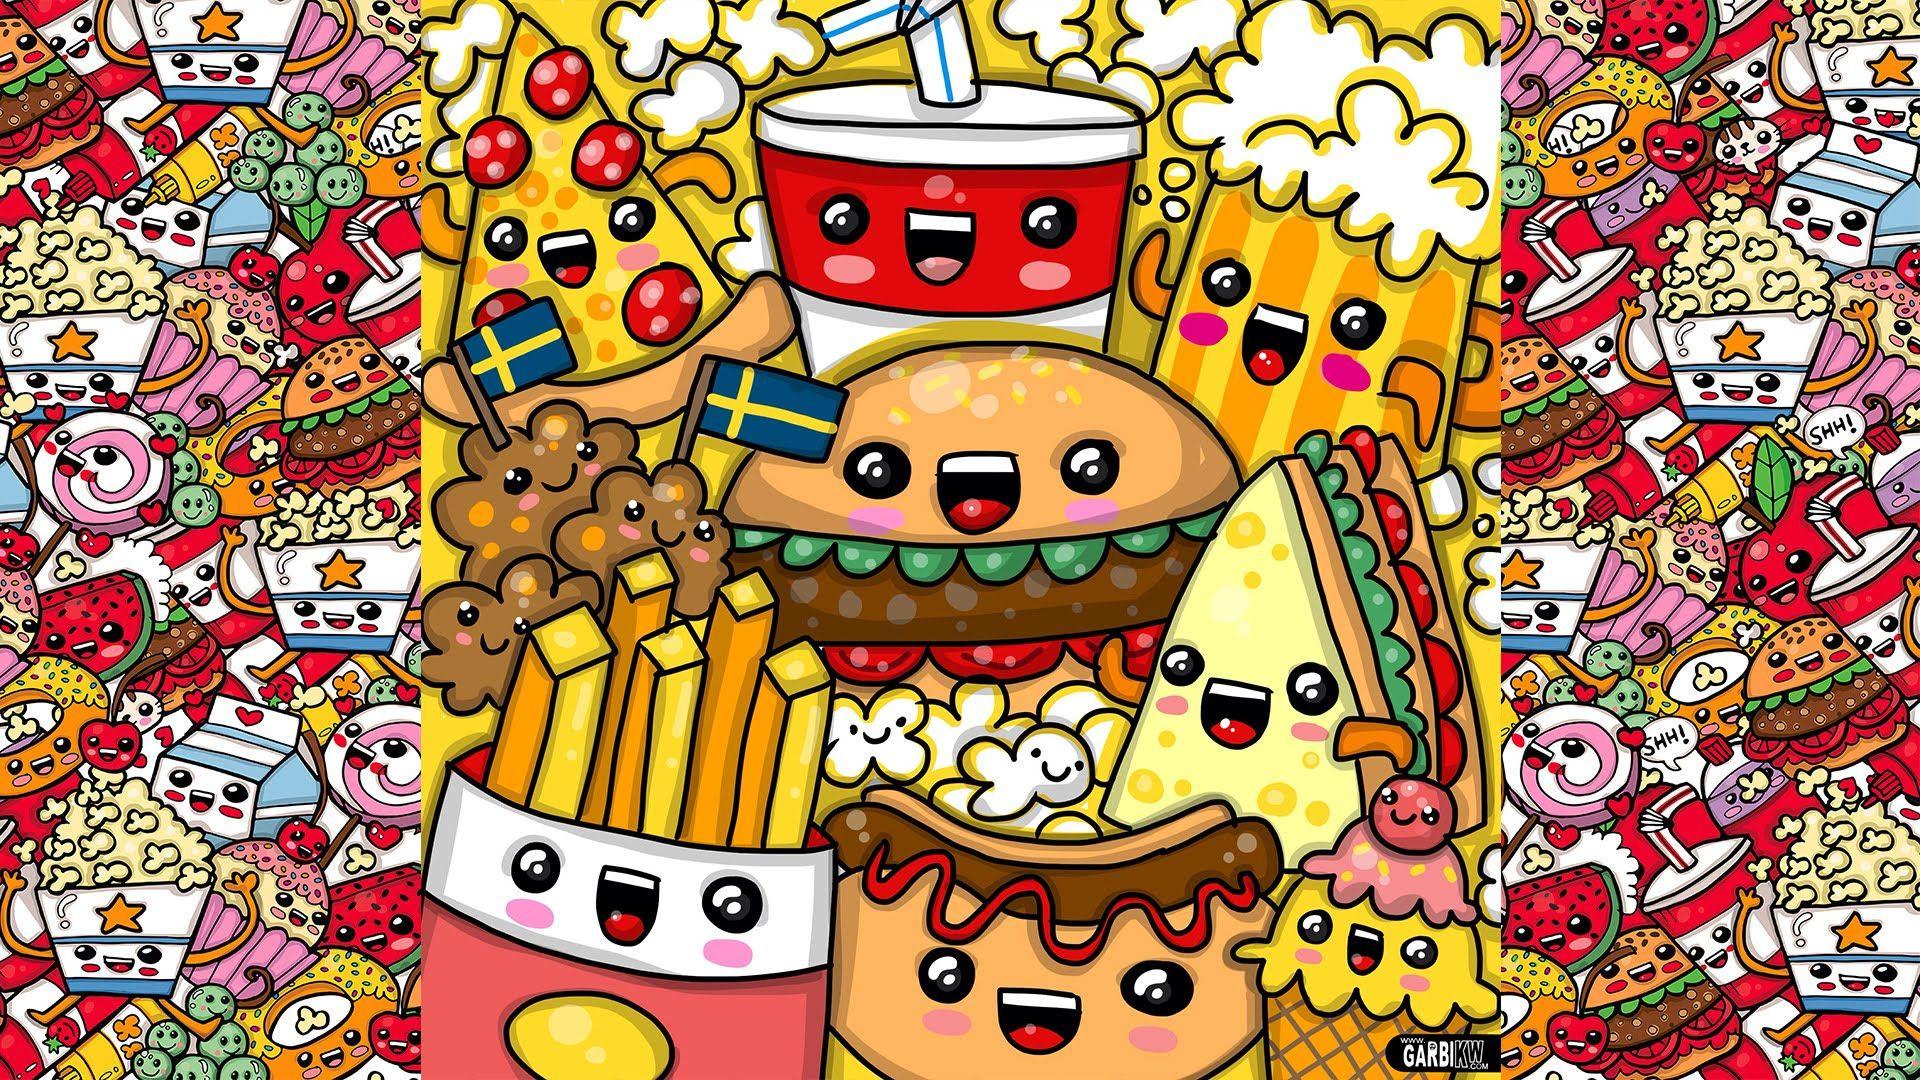 Kawaii Fast Food Wallpapers   Top Kawaii Fast Food 1920x1080